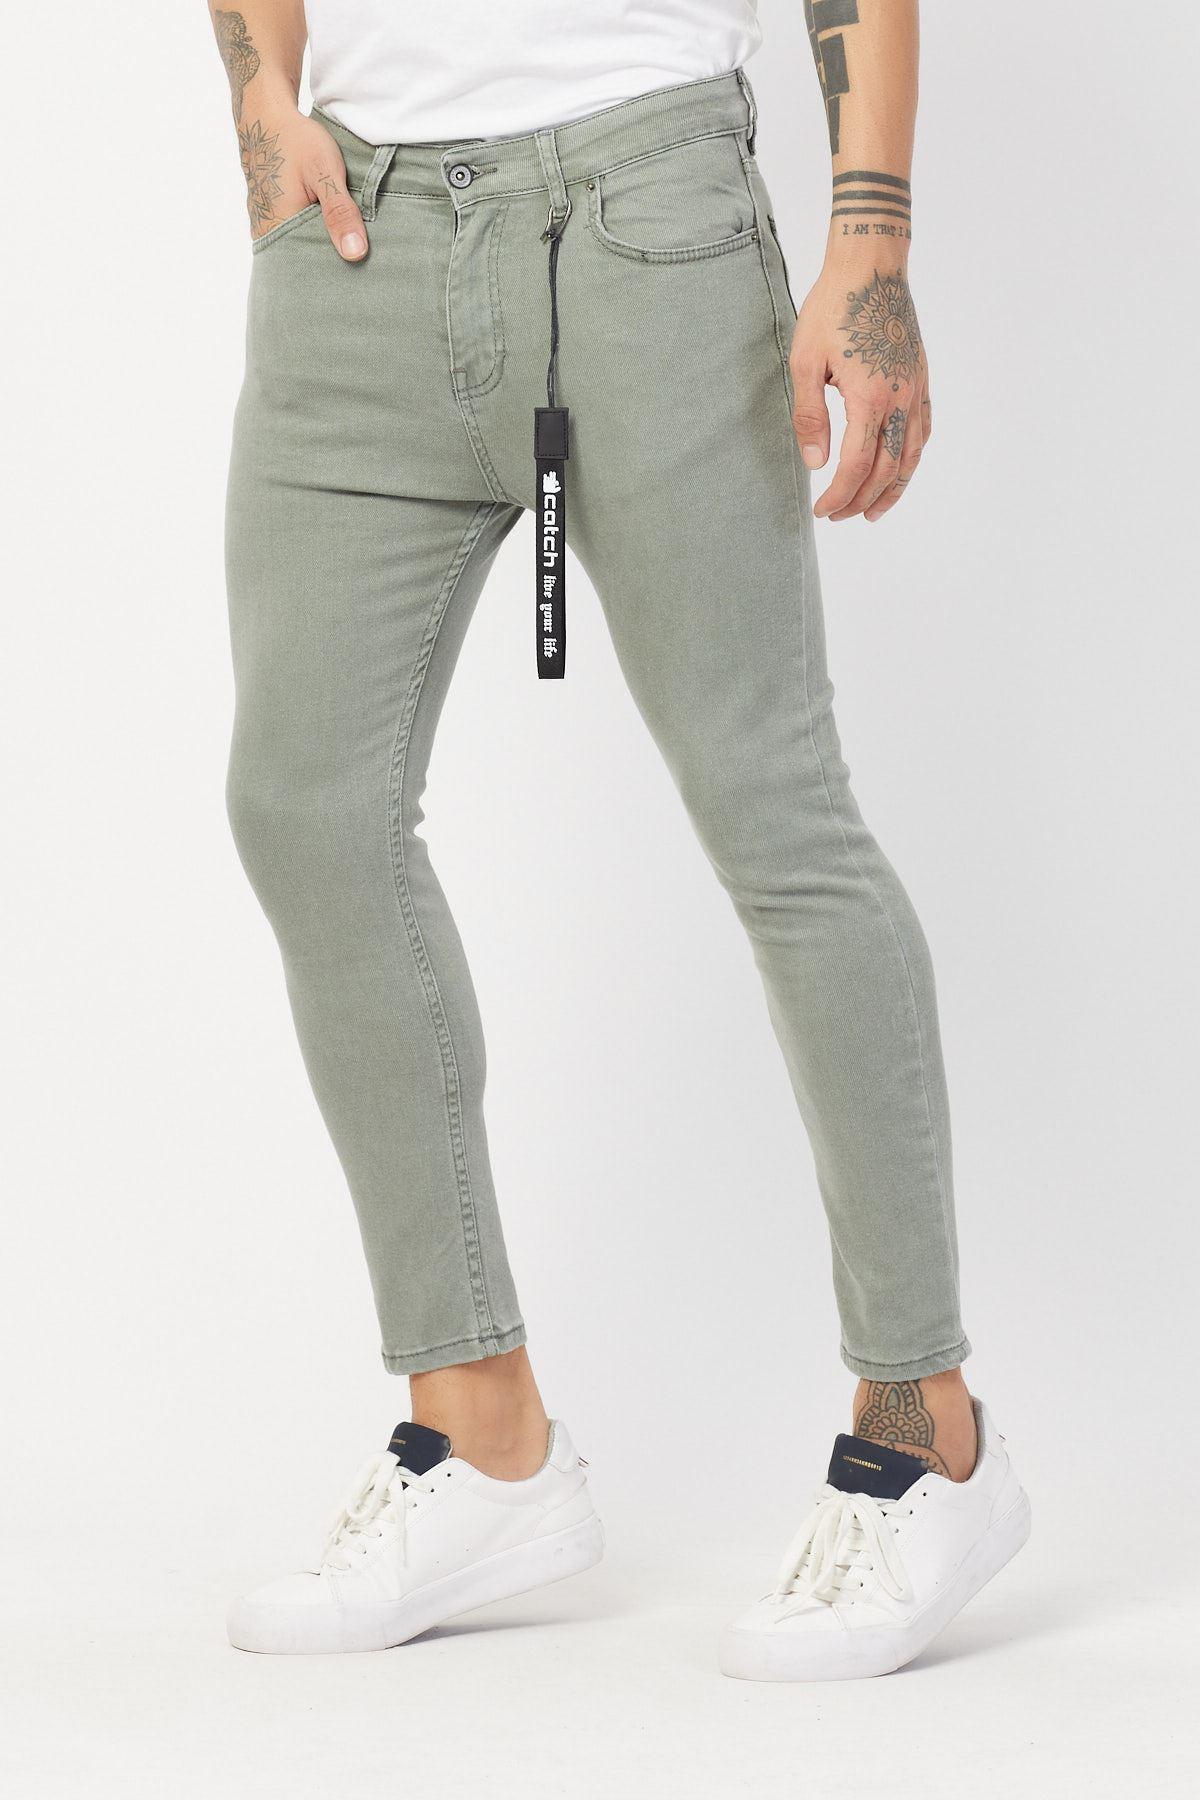 Açık Haki Erkek Kot Pantolon